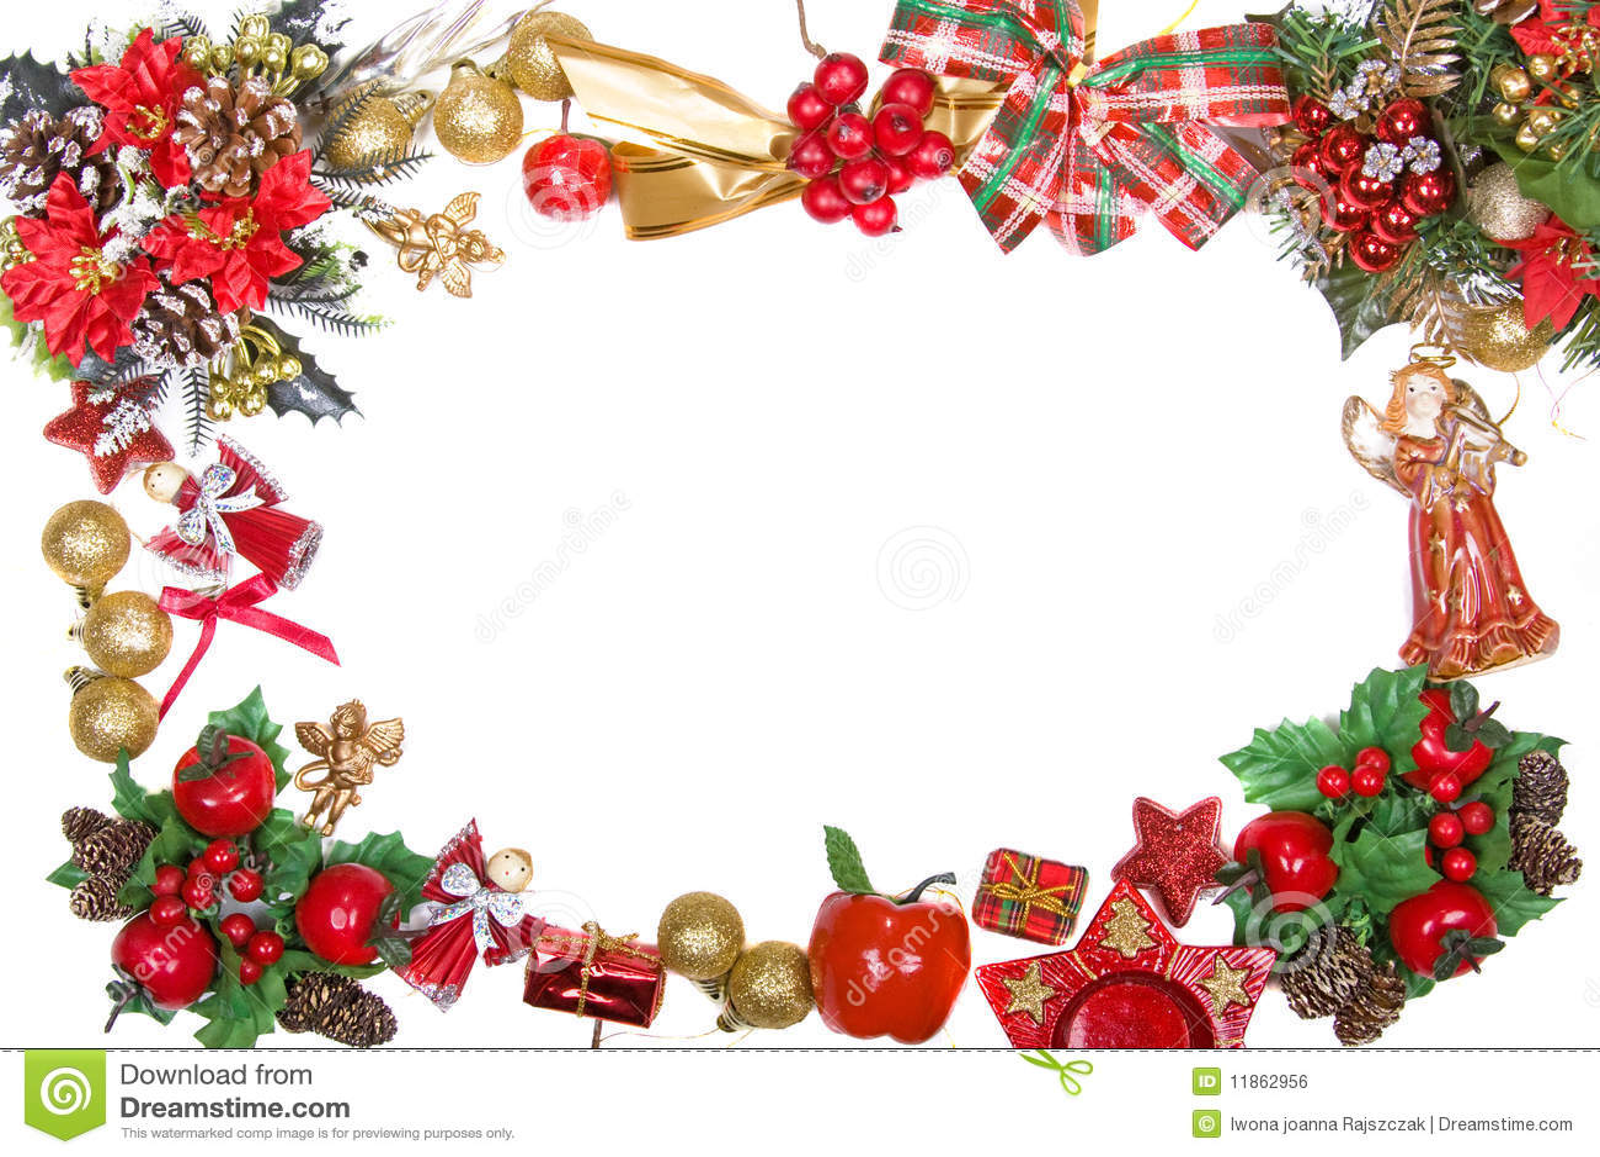 marco de la guirnalda de la navidad cierre hoja - Guirnalda De Navidad